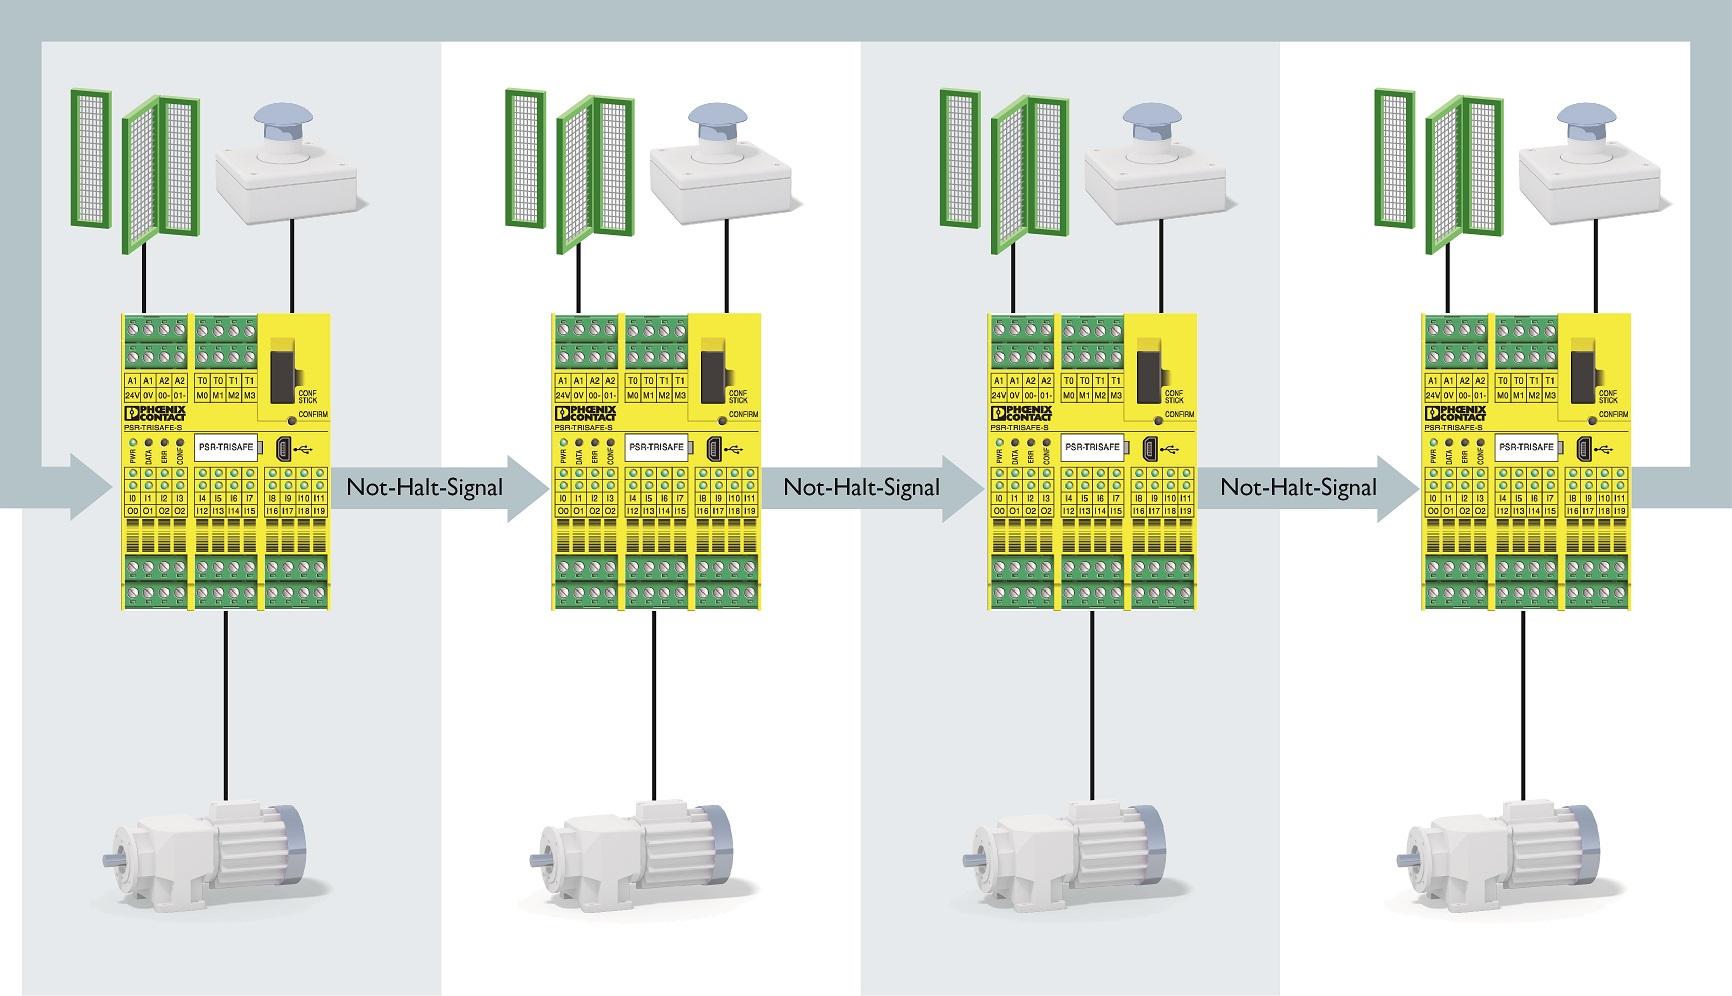 Realizacja zatrzymania awaryjnego linii przy użyciu modułu bezpieczeństwa PSR-Trisafe